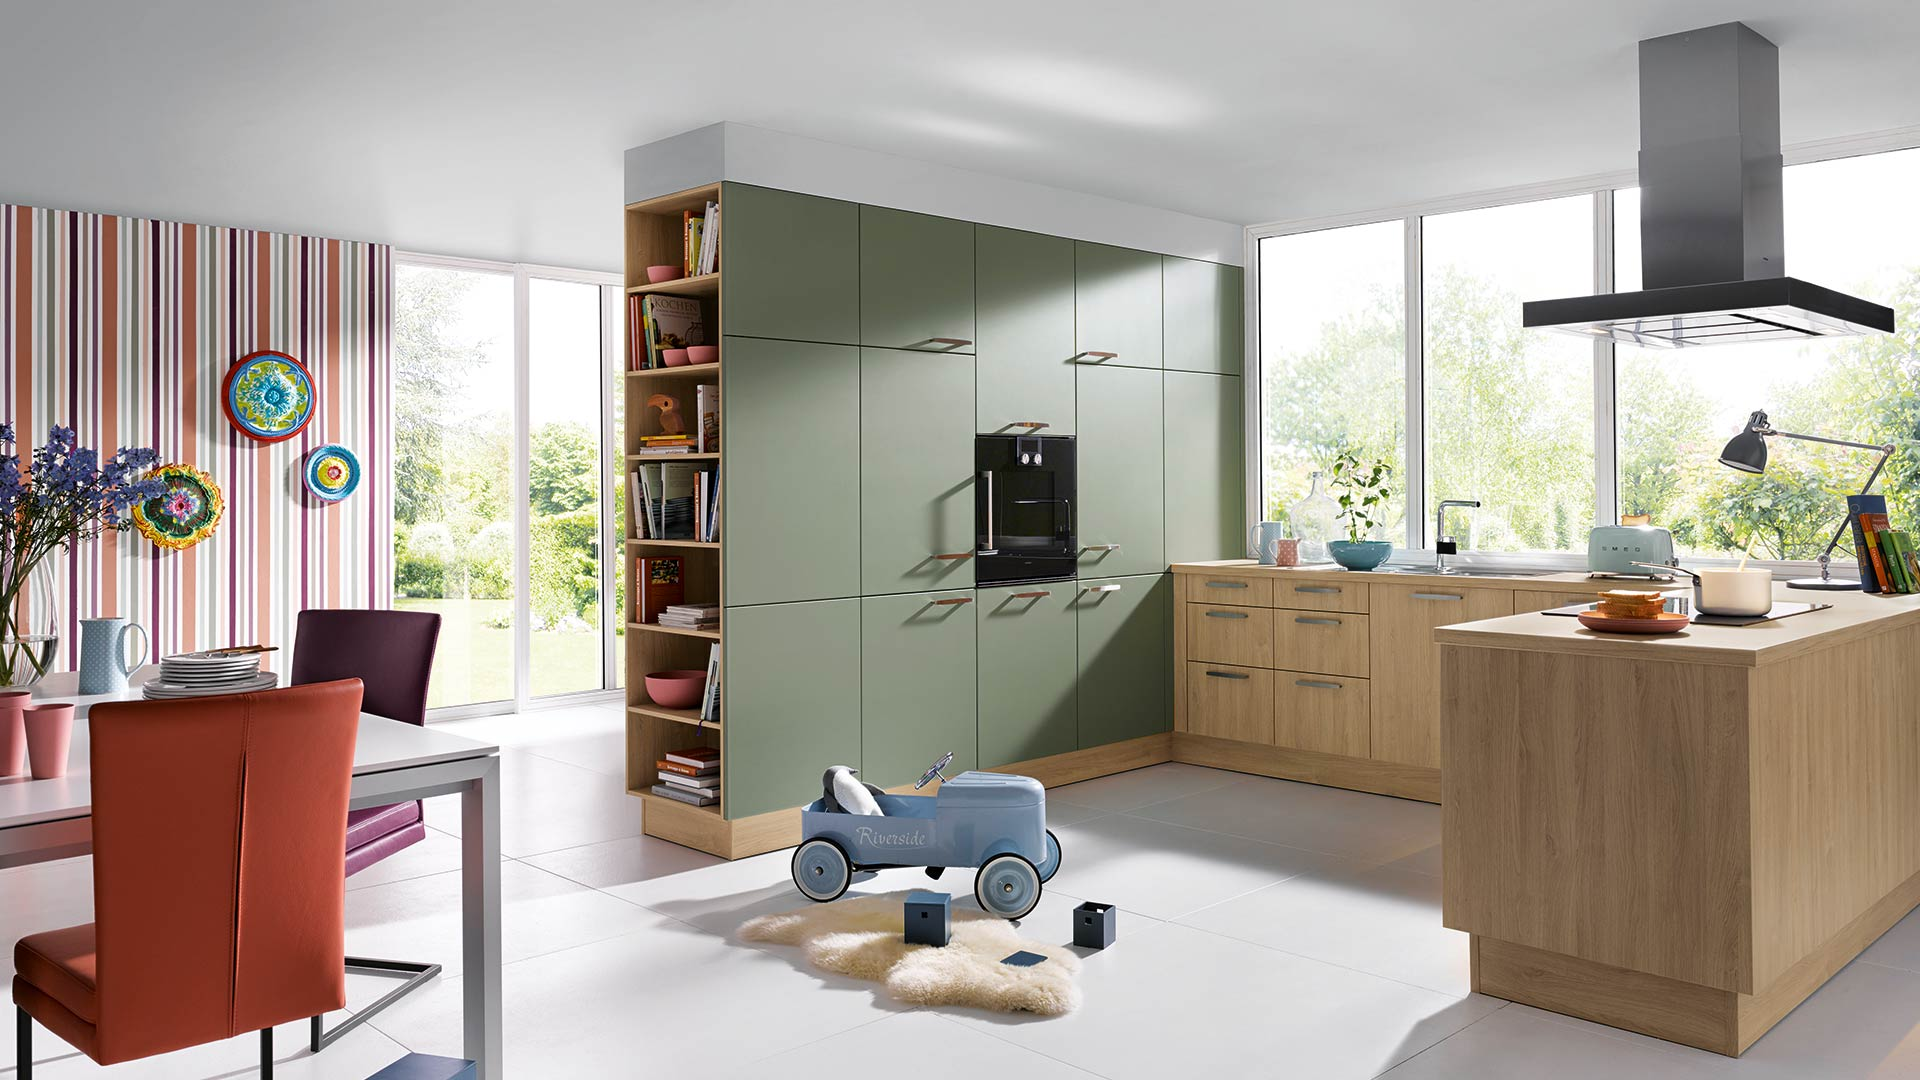 kchen landshut kuchen container with kchen landshut cool. Black Bedroom Furniture Sets. Home Design Ideas